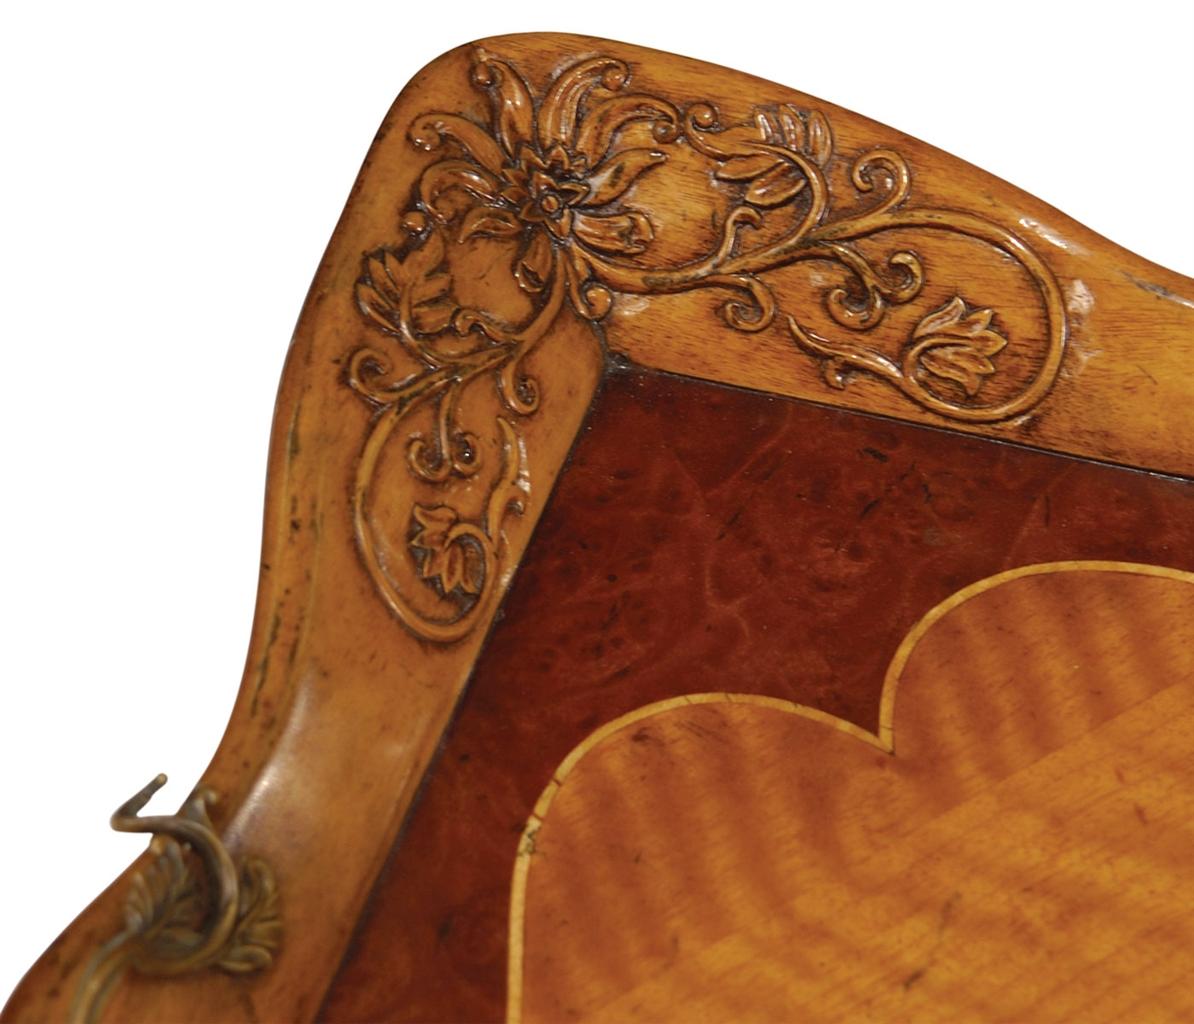 Rococo style decorative serving tray for Rococo decorative style